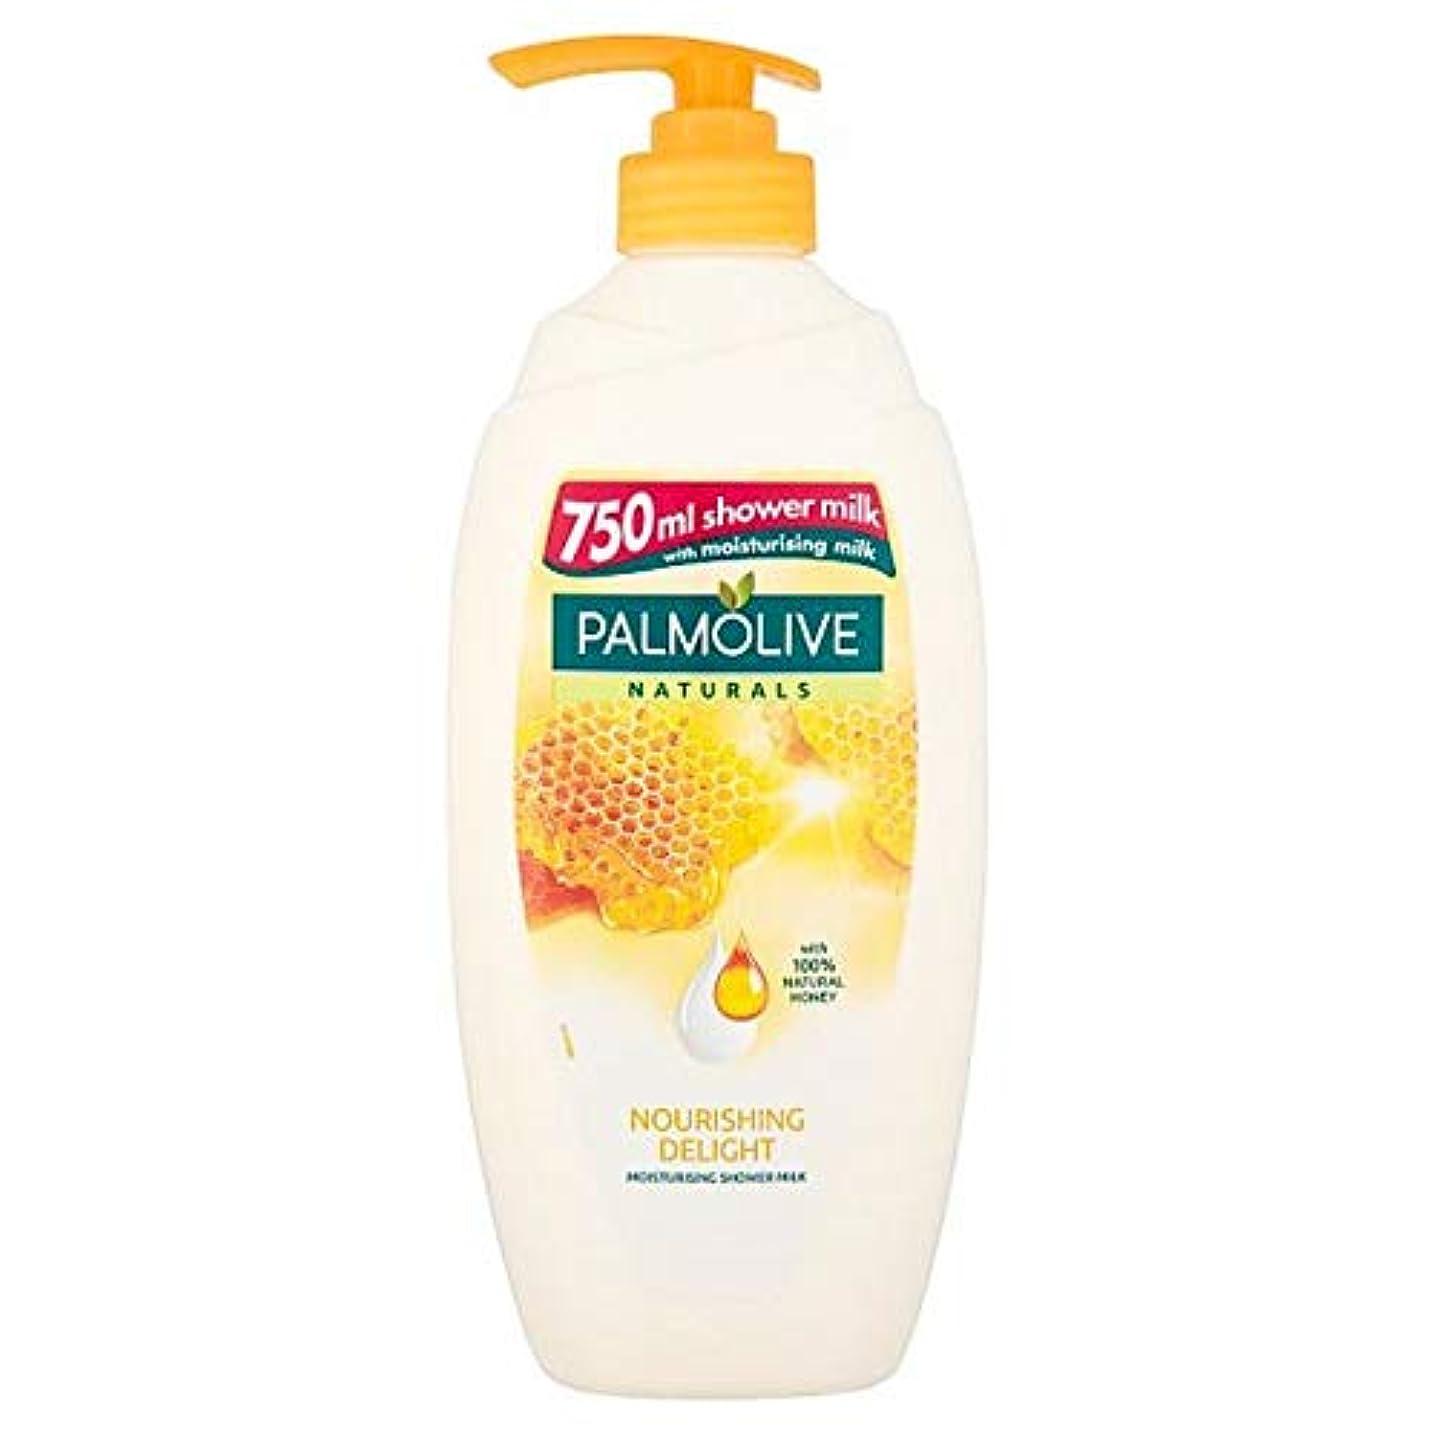 せっかち良いかもしれない[Palmolive ] パルモナチュラルミルクとはちみつシャワージェル750ミリリットル - Palmolive Naturals Milk And Honey Shower Gel 750Ml [並行輸入品]